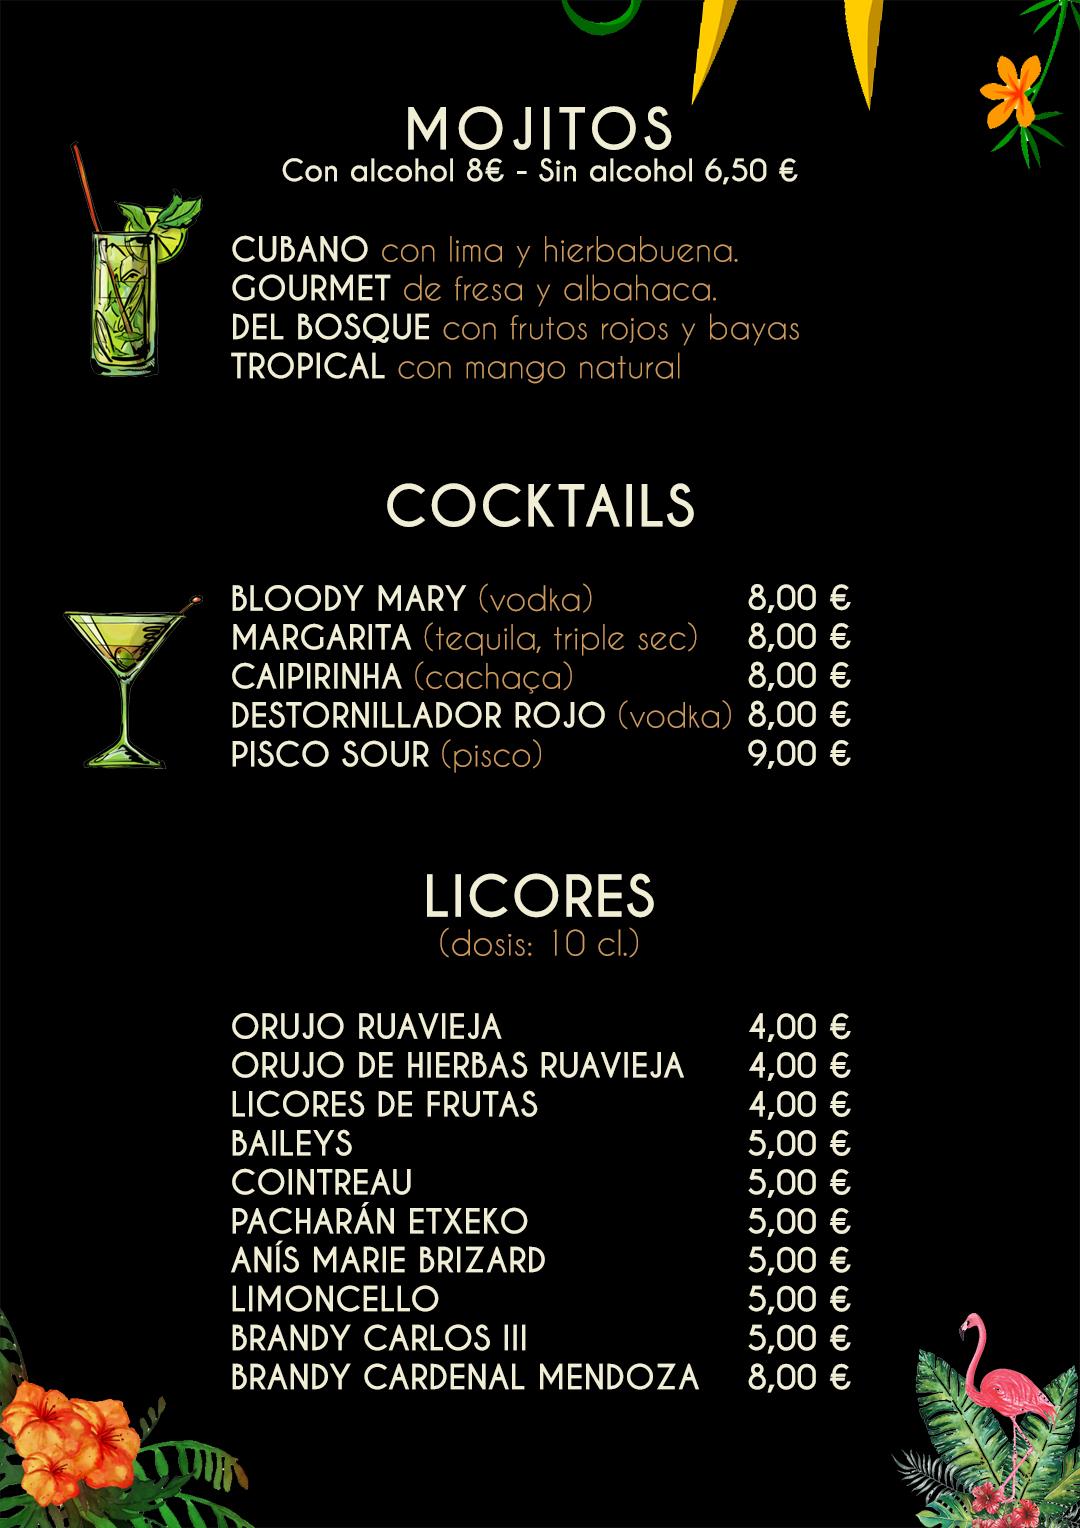 mojitos cocktails y licores tragabuches